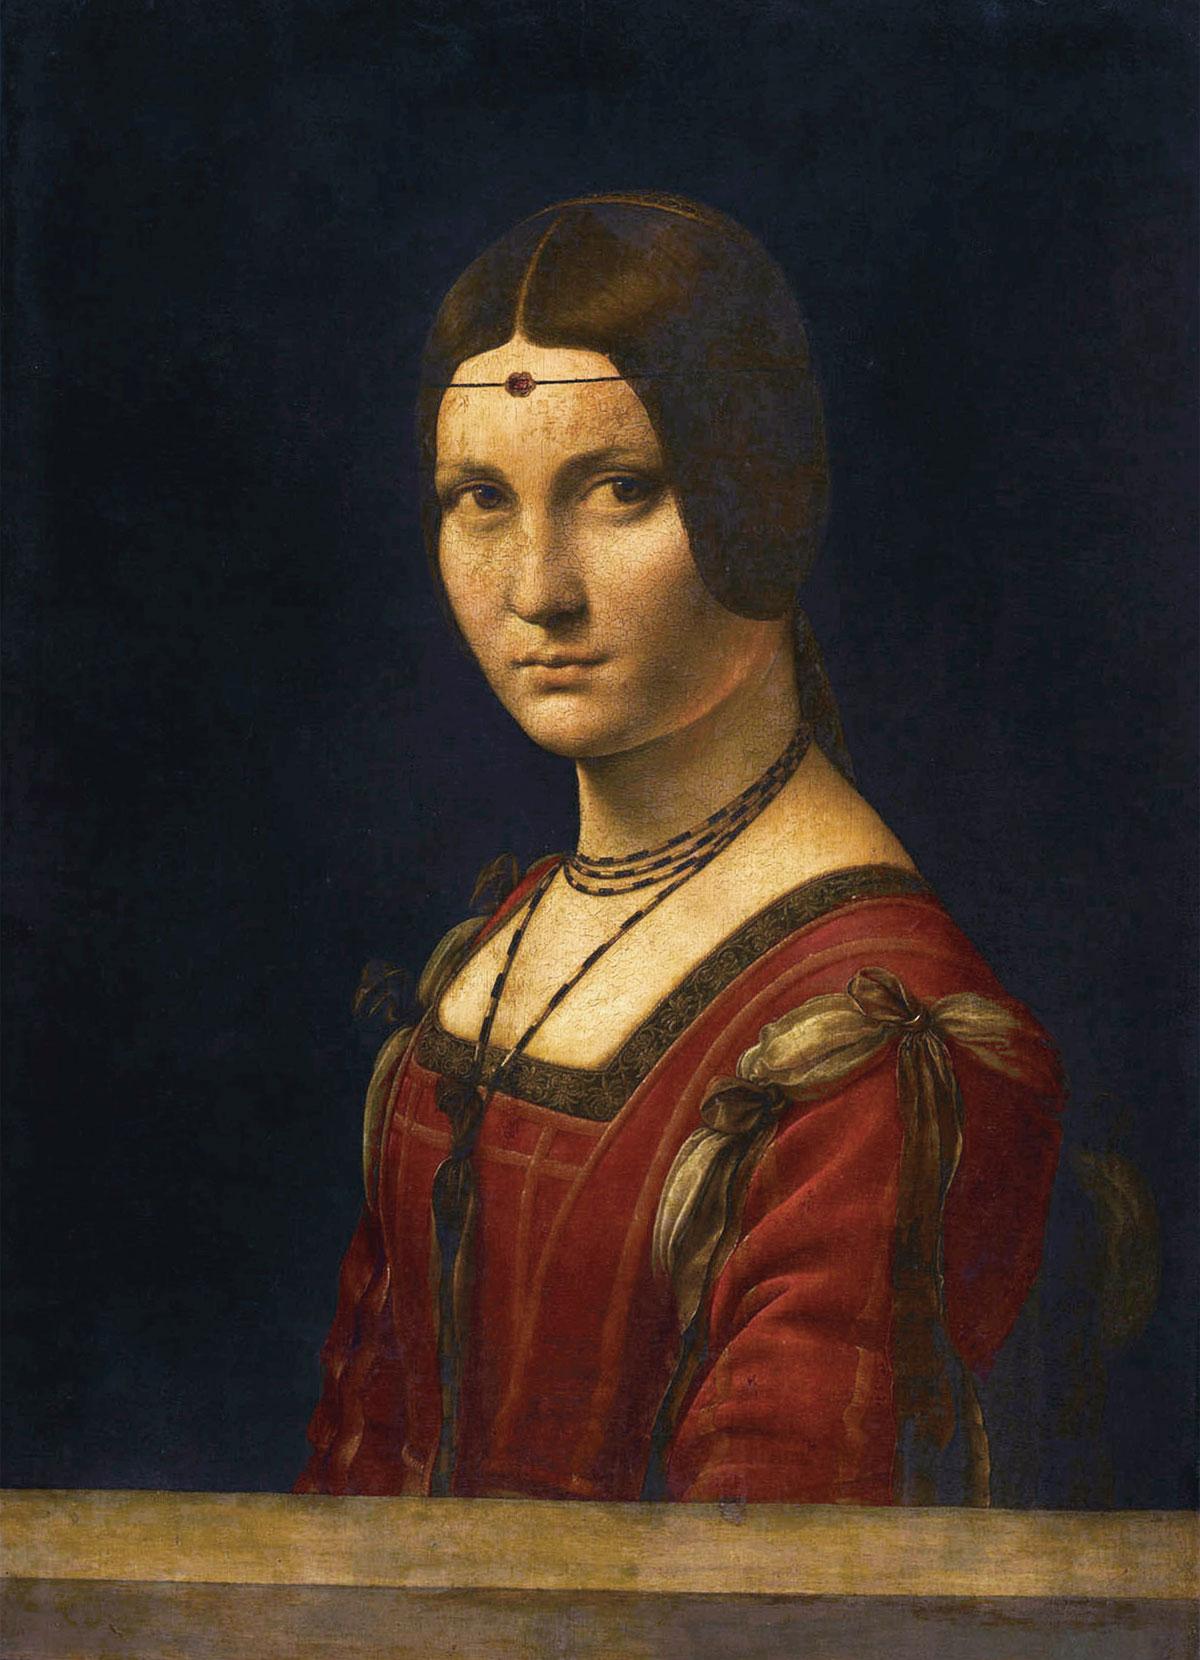 Belle-Ferronniere-Ritratto-di-Dama-Leonardo-da-Vinci-1482-1500